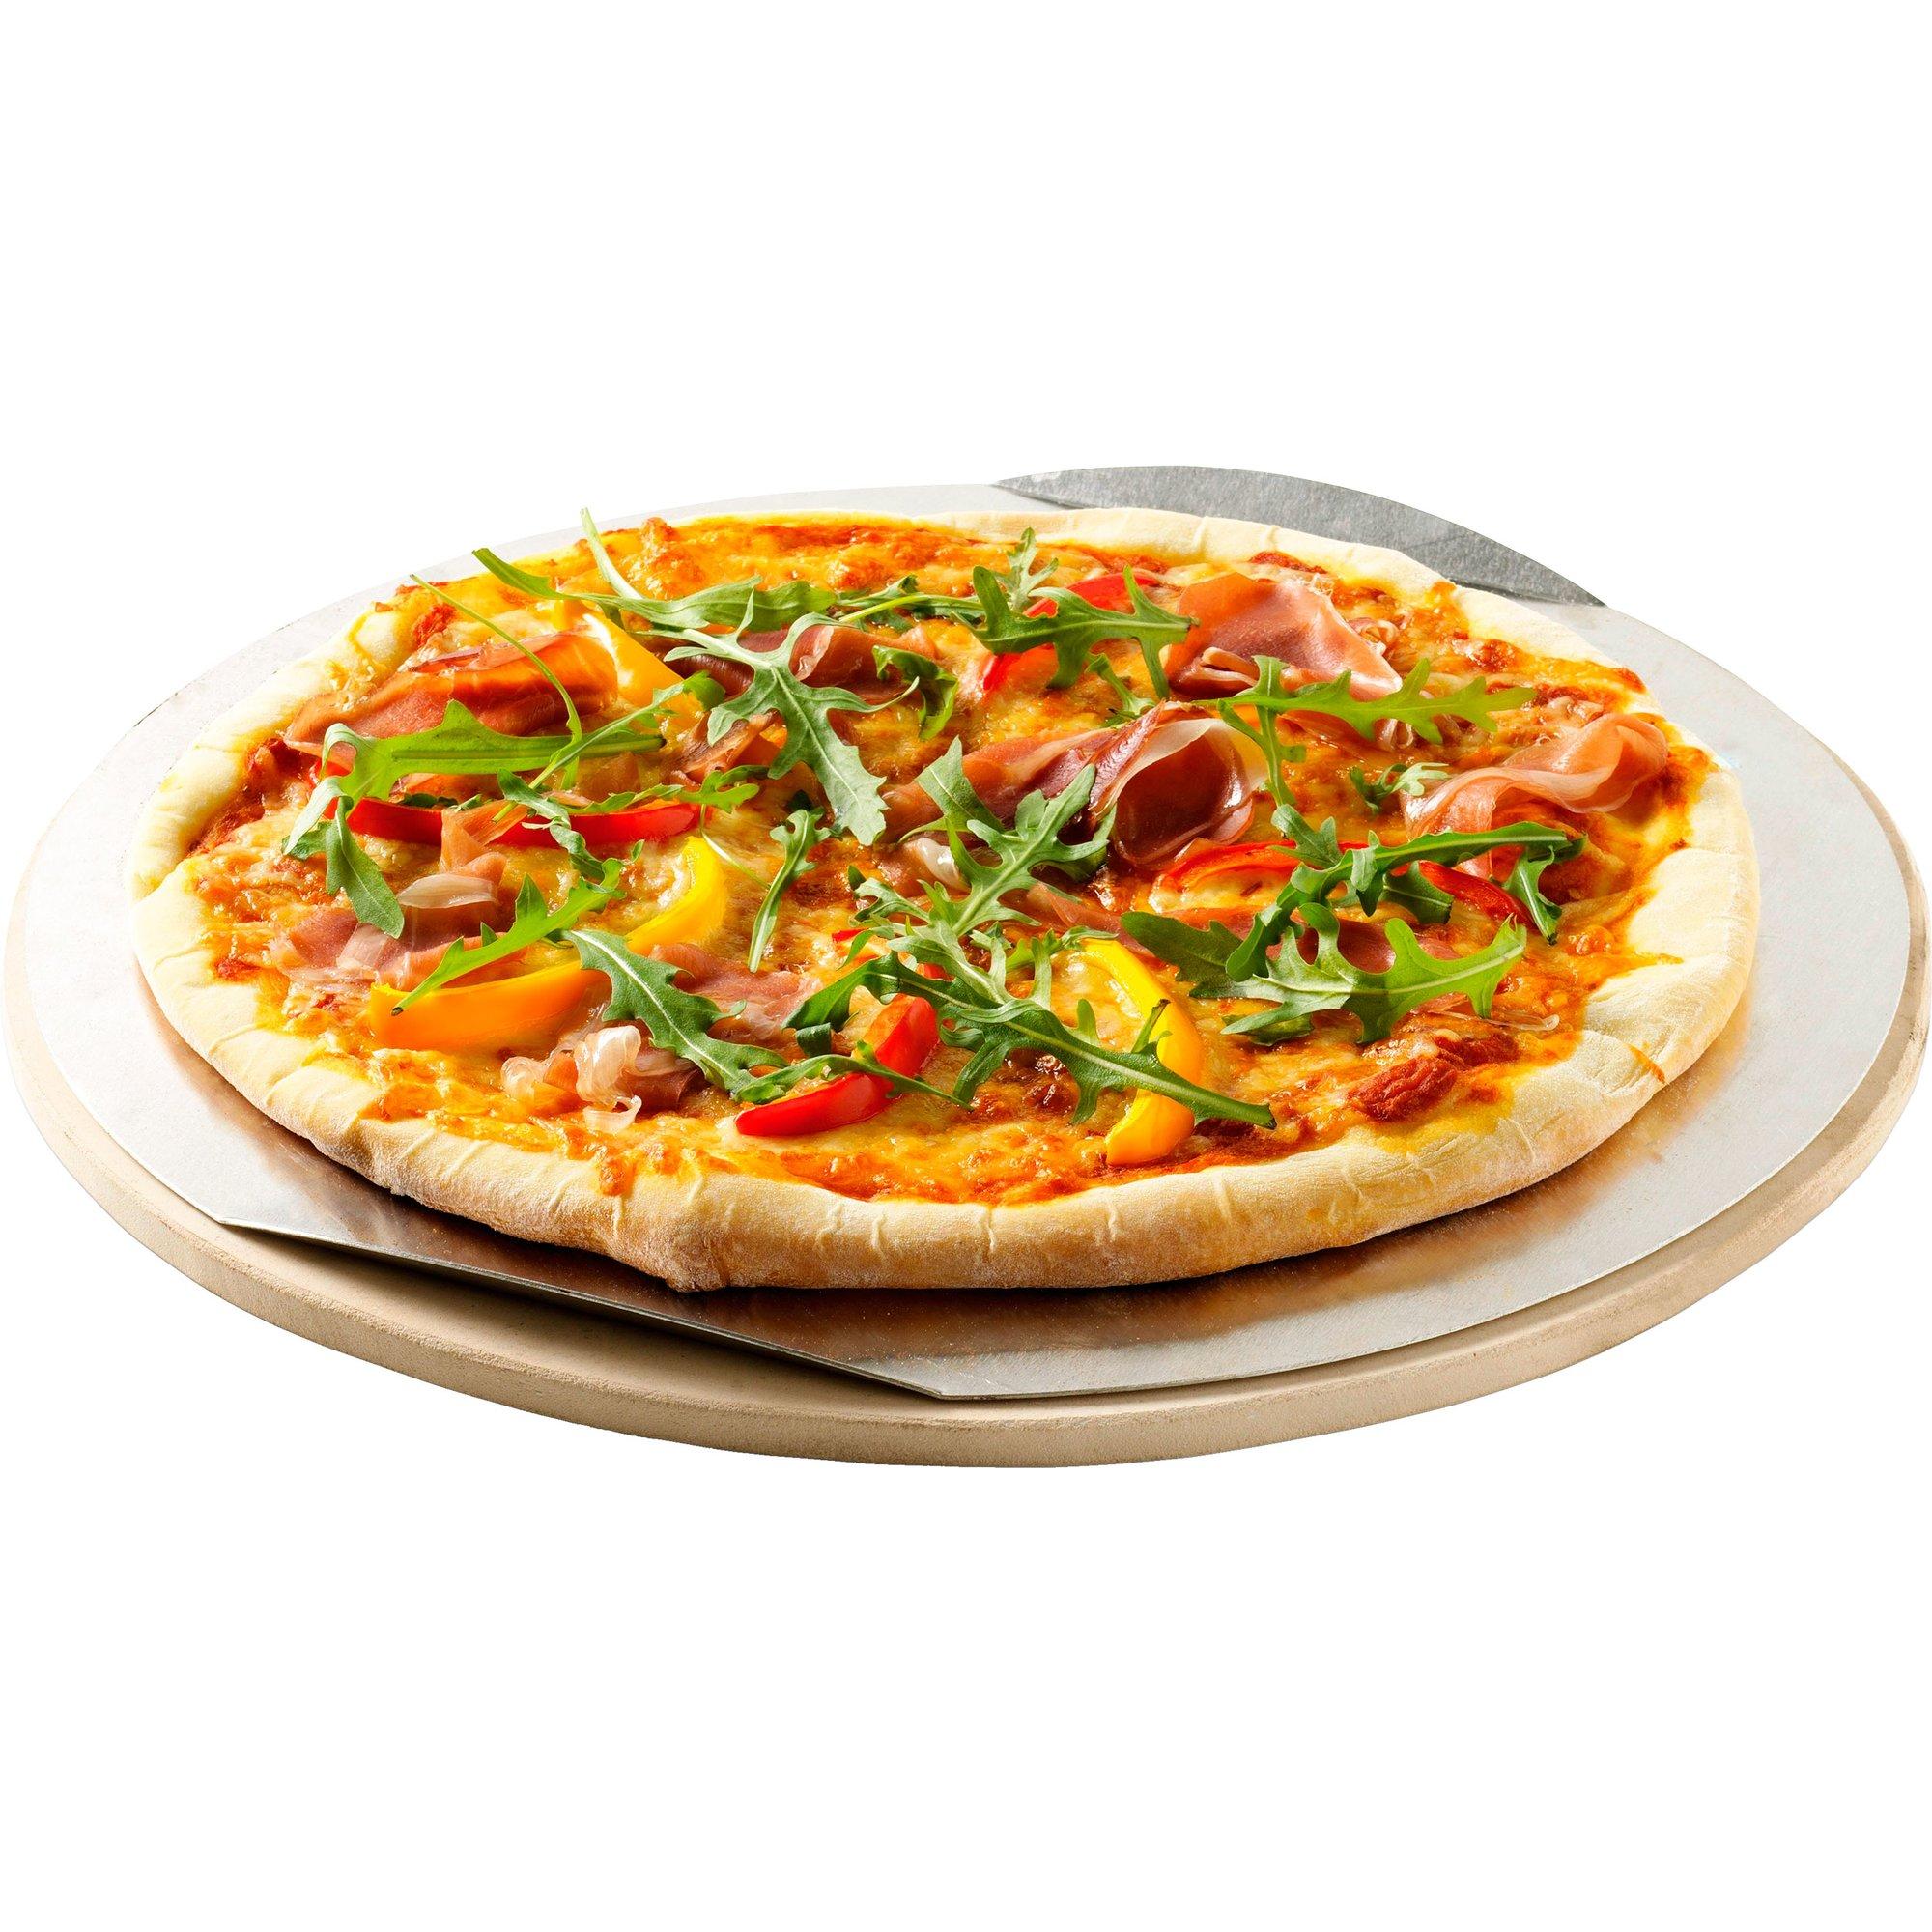 Weber Pizzasten original inkl. rund bakplåt 26 cm